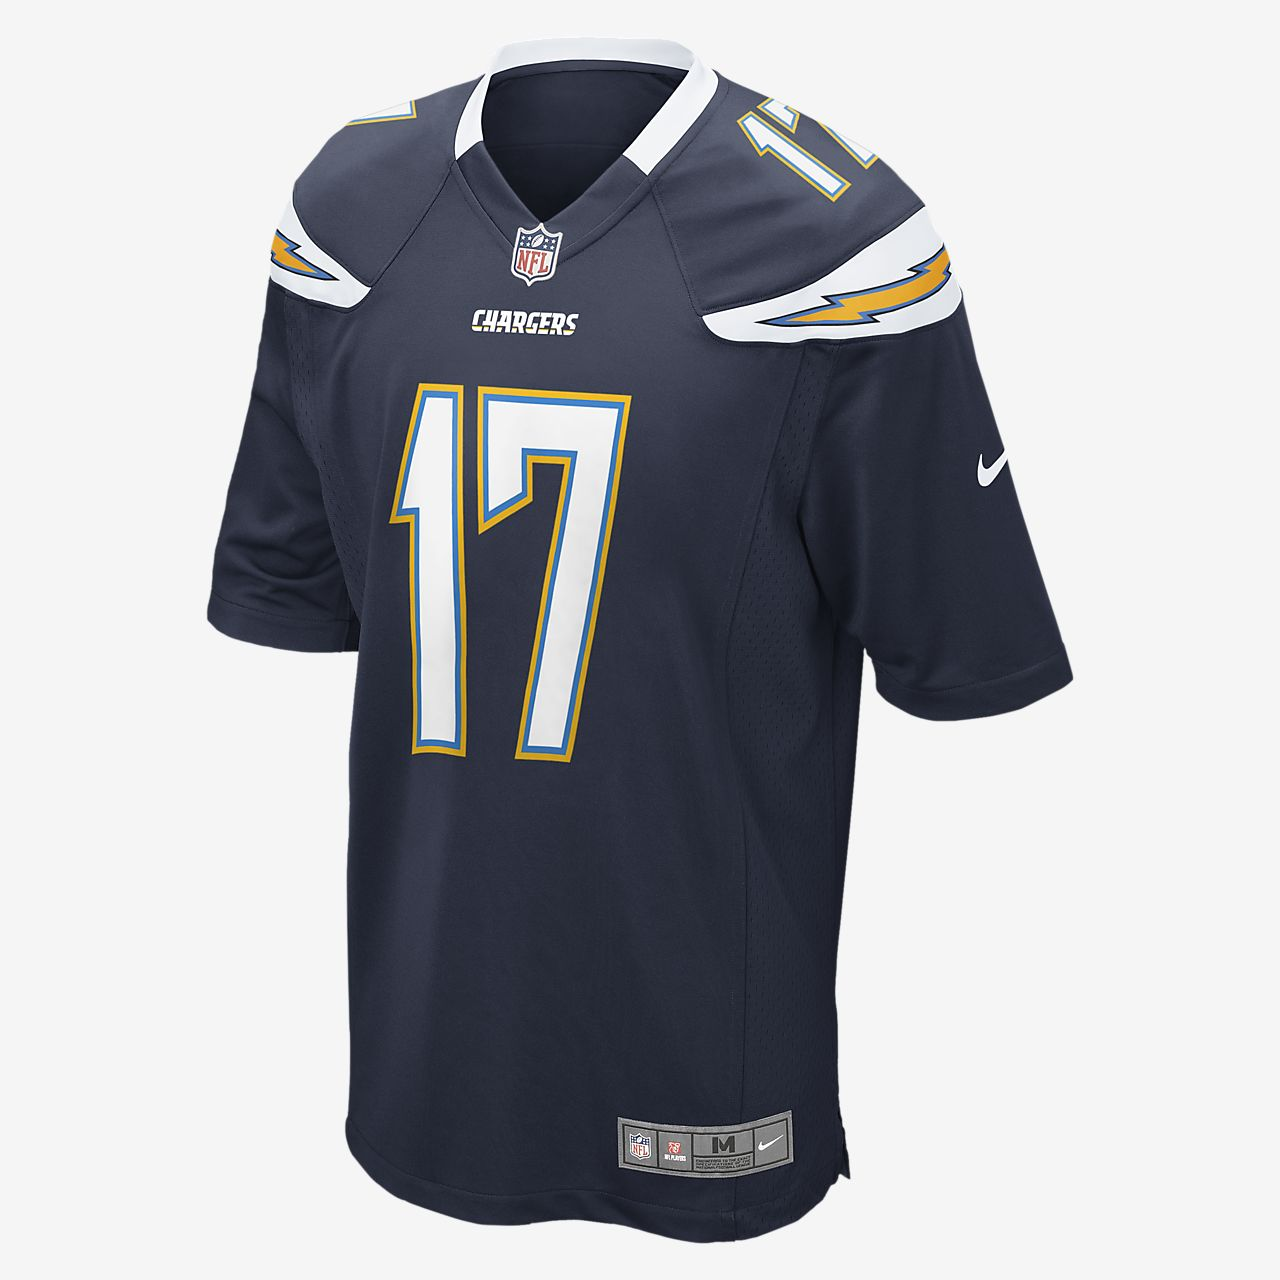 Camiseta oficial de fútbol americano de local para hombre NFL Los Angeles Chargers (Philip Rivers) de local